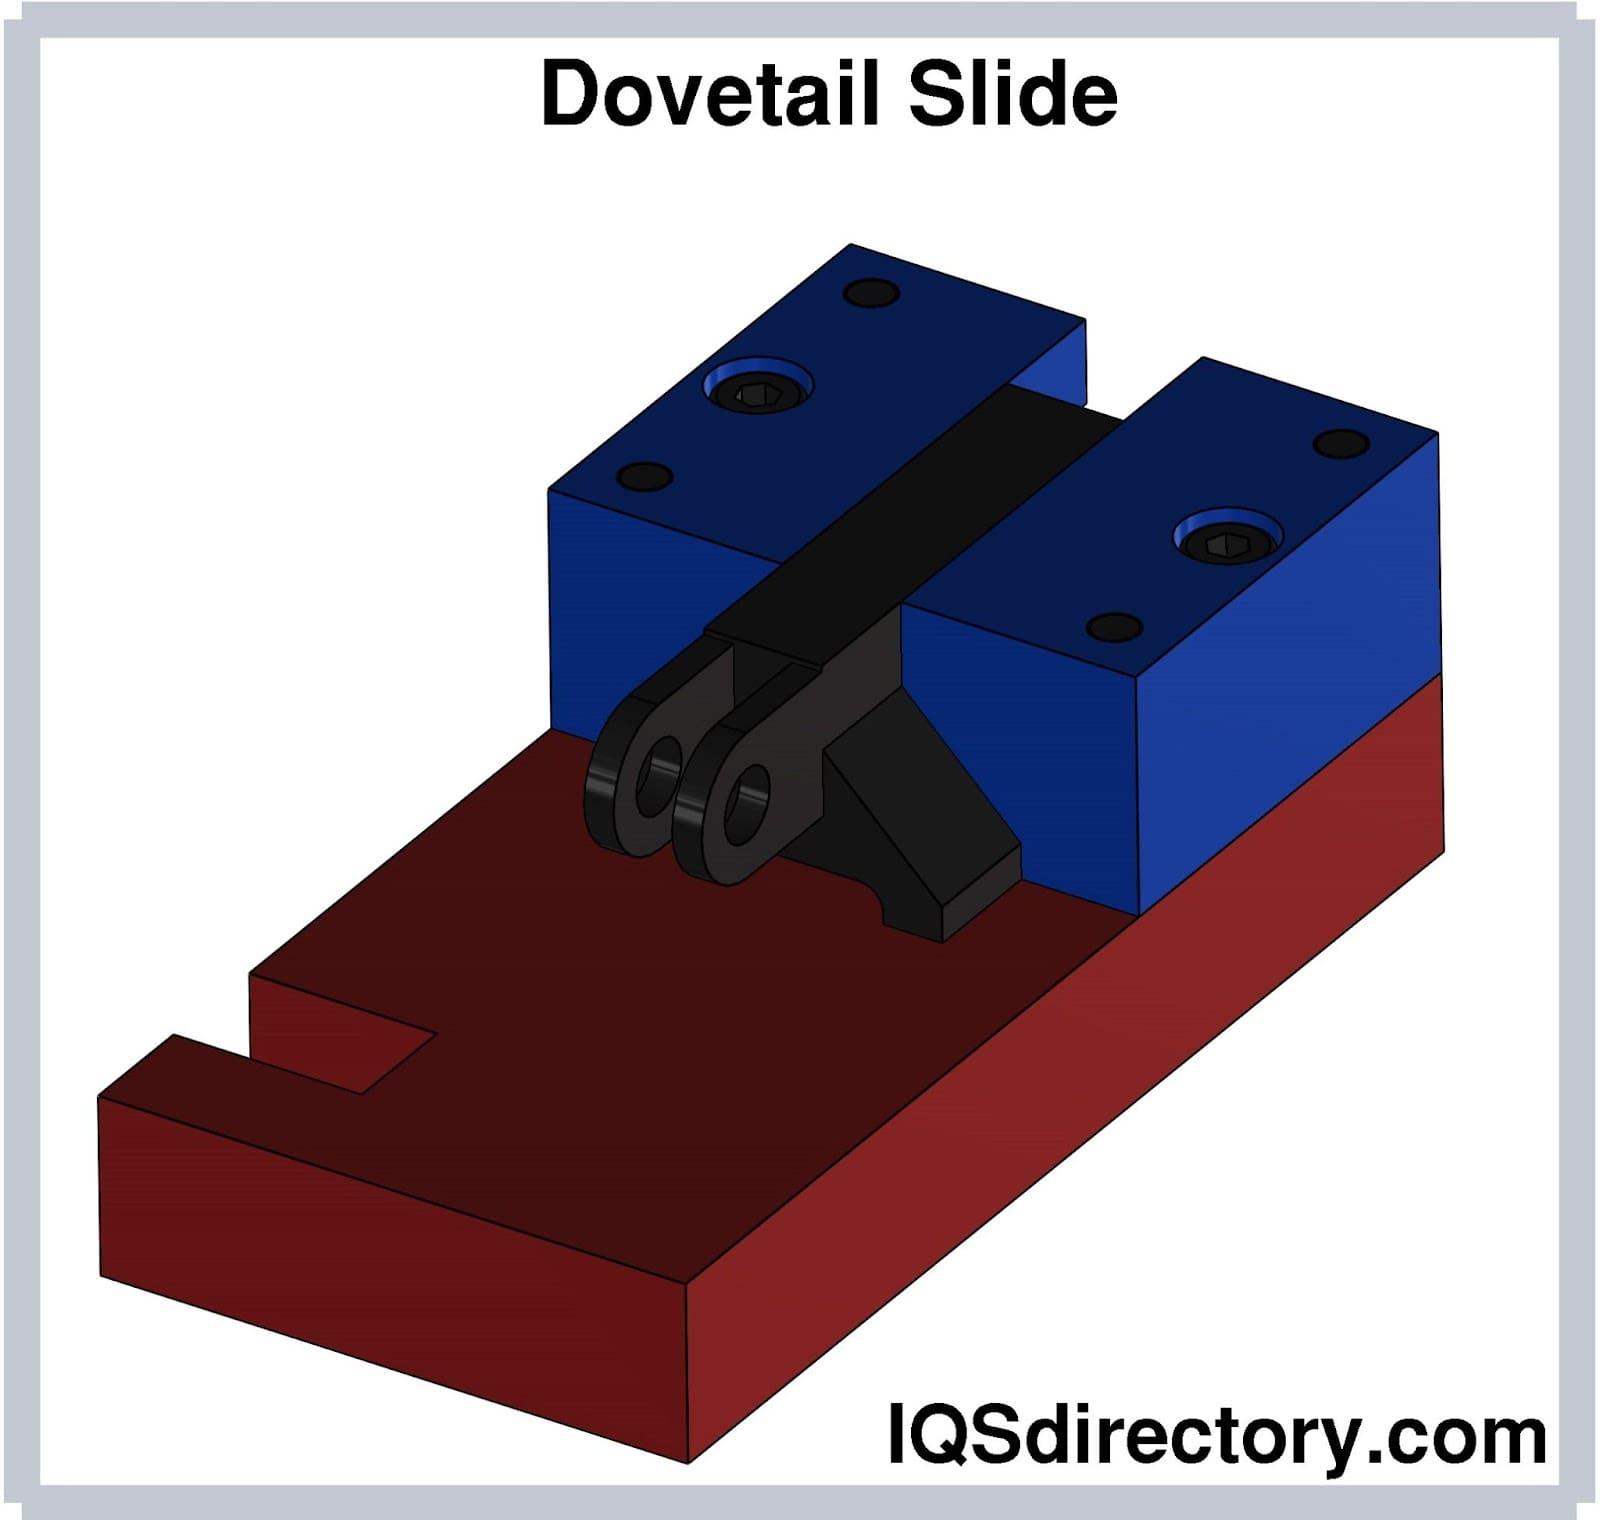 Dovetail Slide